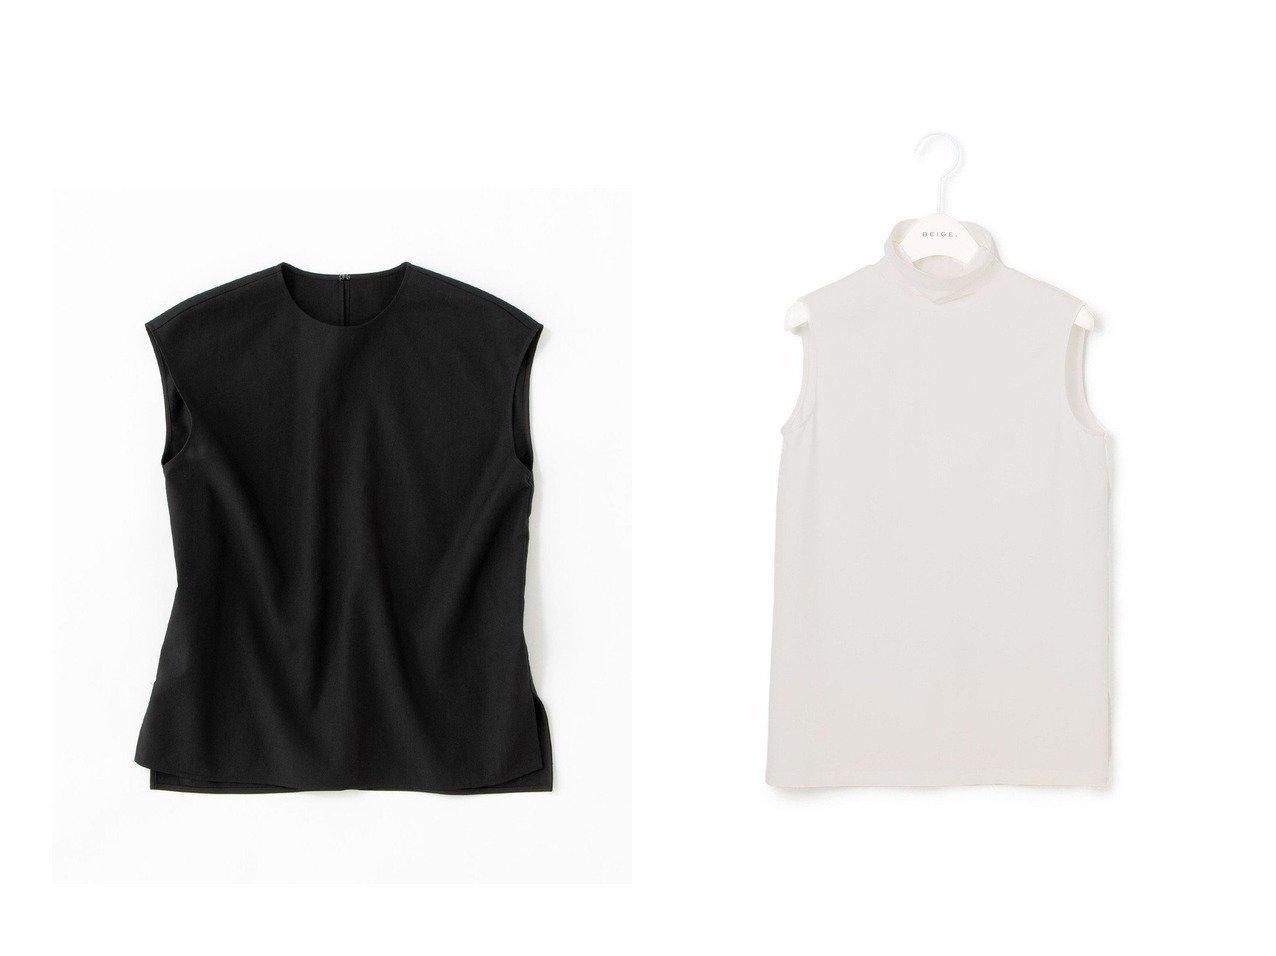 【BEIGE,/ベイジ,】のカットソー&【uncrave/アンクレイヴ】のリネンコットンツイル シャツ 【トップス・カットソー】おすすめ!人気トレンド・レディースファッション通販 おすすめで人気の流行・トレンド、ファッションの通販商品 インテリア・家具・メンズファッション・キッズファッション・レディースファッション・服の通販 founy(ファニー) https://founy.com/ ファッション Fashion レディースファッション WOMEN トップス・カットソー Tops/Tshirt シャツ/ブラウス Shirts/Blouses ロング / Tシャツ T-Shirts カットソー Cut and Sewn カットソー シンプル スタイリッシュ ストレッチ スリーブ セットアップ 雑誌 フェミニン フレンチ ボトム 送料無料 Free Shipping インナー コンパクト 今季 ジャケット 定番 Standard ノースリーブ 2021年 2021 S/S・春夏 SS・Spring/Summer 2021春夏・S/S SS/Spring/Summer/2021 夏 Summer |ID:crp329100000046652